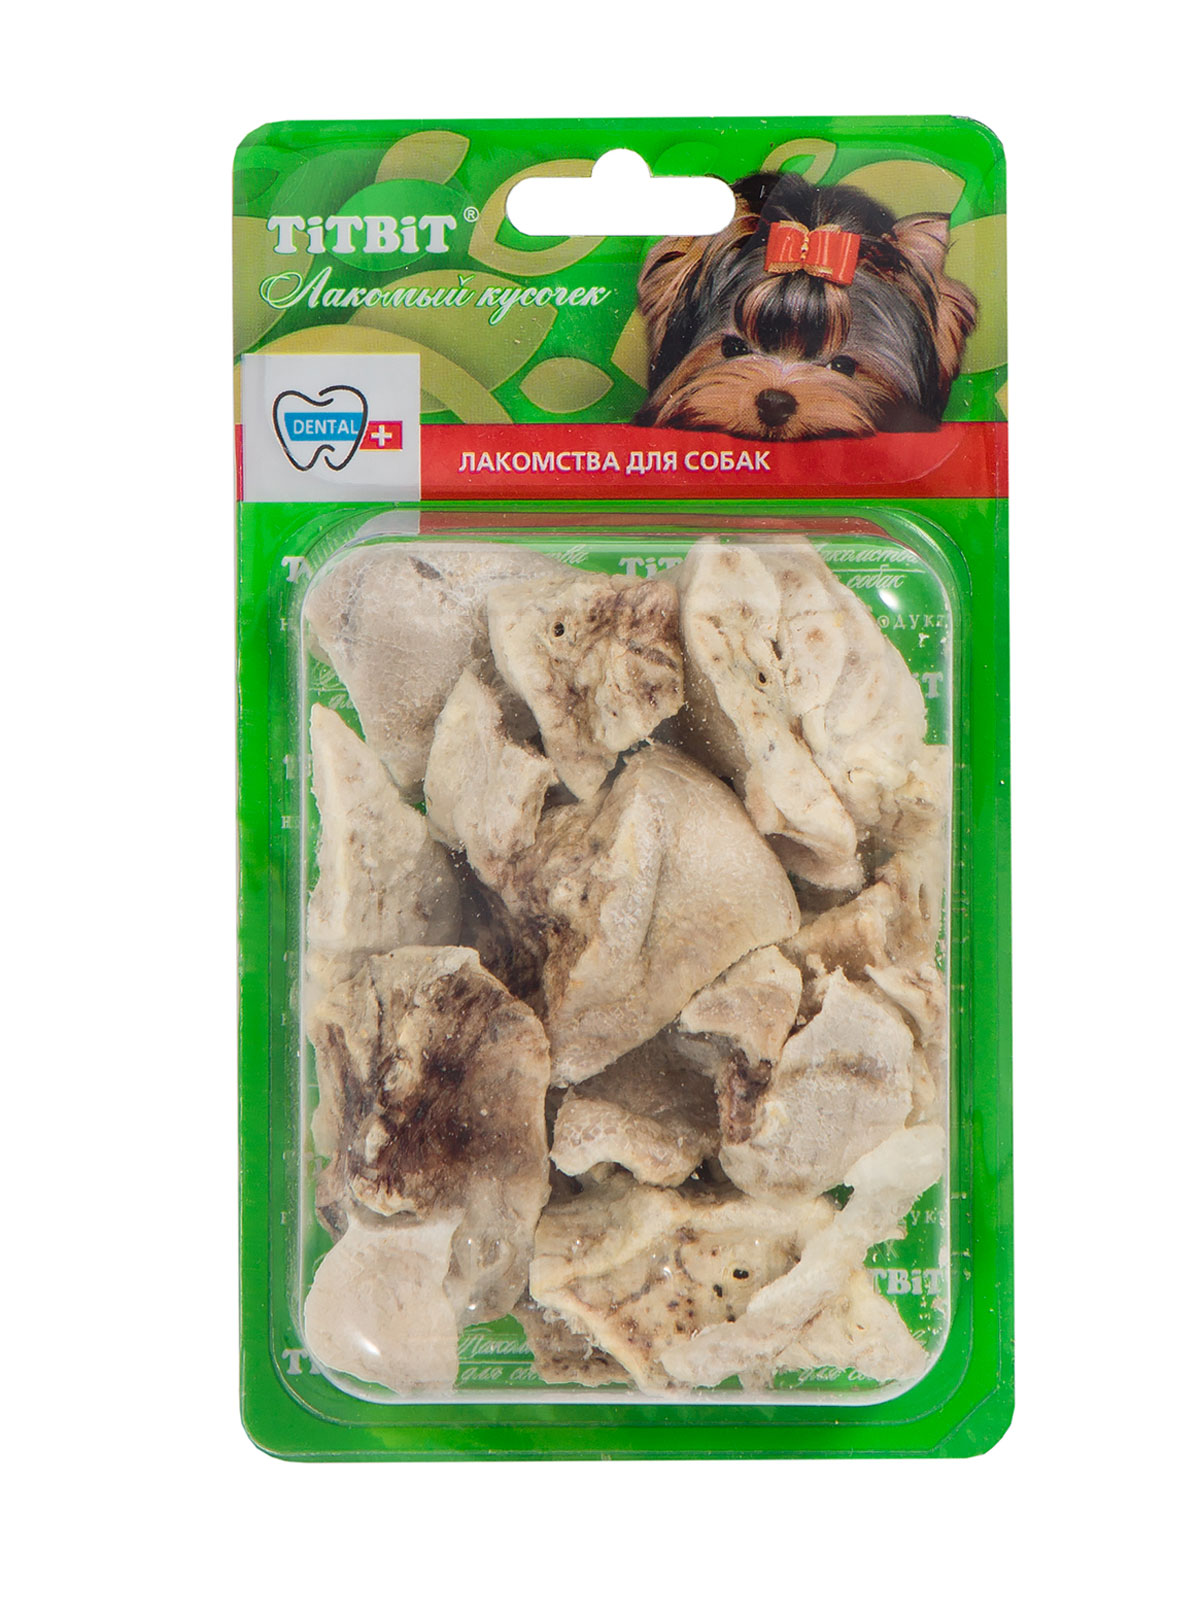 Лакомство для собак Titbit, говяжье легкое, 8-10 кусочков319304Упаковка содержит 8-10 кусочков высушенного говяжьего легкого.Высокое содержание микроэлементов и соединительной ткани дополняет удовольствие собаки от нежного лакомства. Легкие очень вкусны, малокалорийны и замечательно усваиваются организмом. Легкие содержат практически такой же набор витаминов, как и мясо, но зато гораздо менее жирные. Оказывают положительное воздействие на состояние кожи, шерсти и общий обмен веществ. Кусочки очень удобно использовать в качестве поощрения при дрессуре, и просто на прогулках. Для собак всех пород и возрастов. Особенно рекомендуется для собак с неполной зубной формулой и возрастными изменениями зубочелюстного аполипропиленовый пакетарата. Благодаря вкусовым качествам и воздушной структуре является одним из самых любимых лакомств для наших четвероногих друзей. Состав: Высушенные кусочки говяжьего легкого.